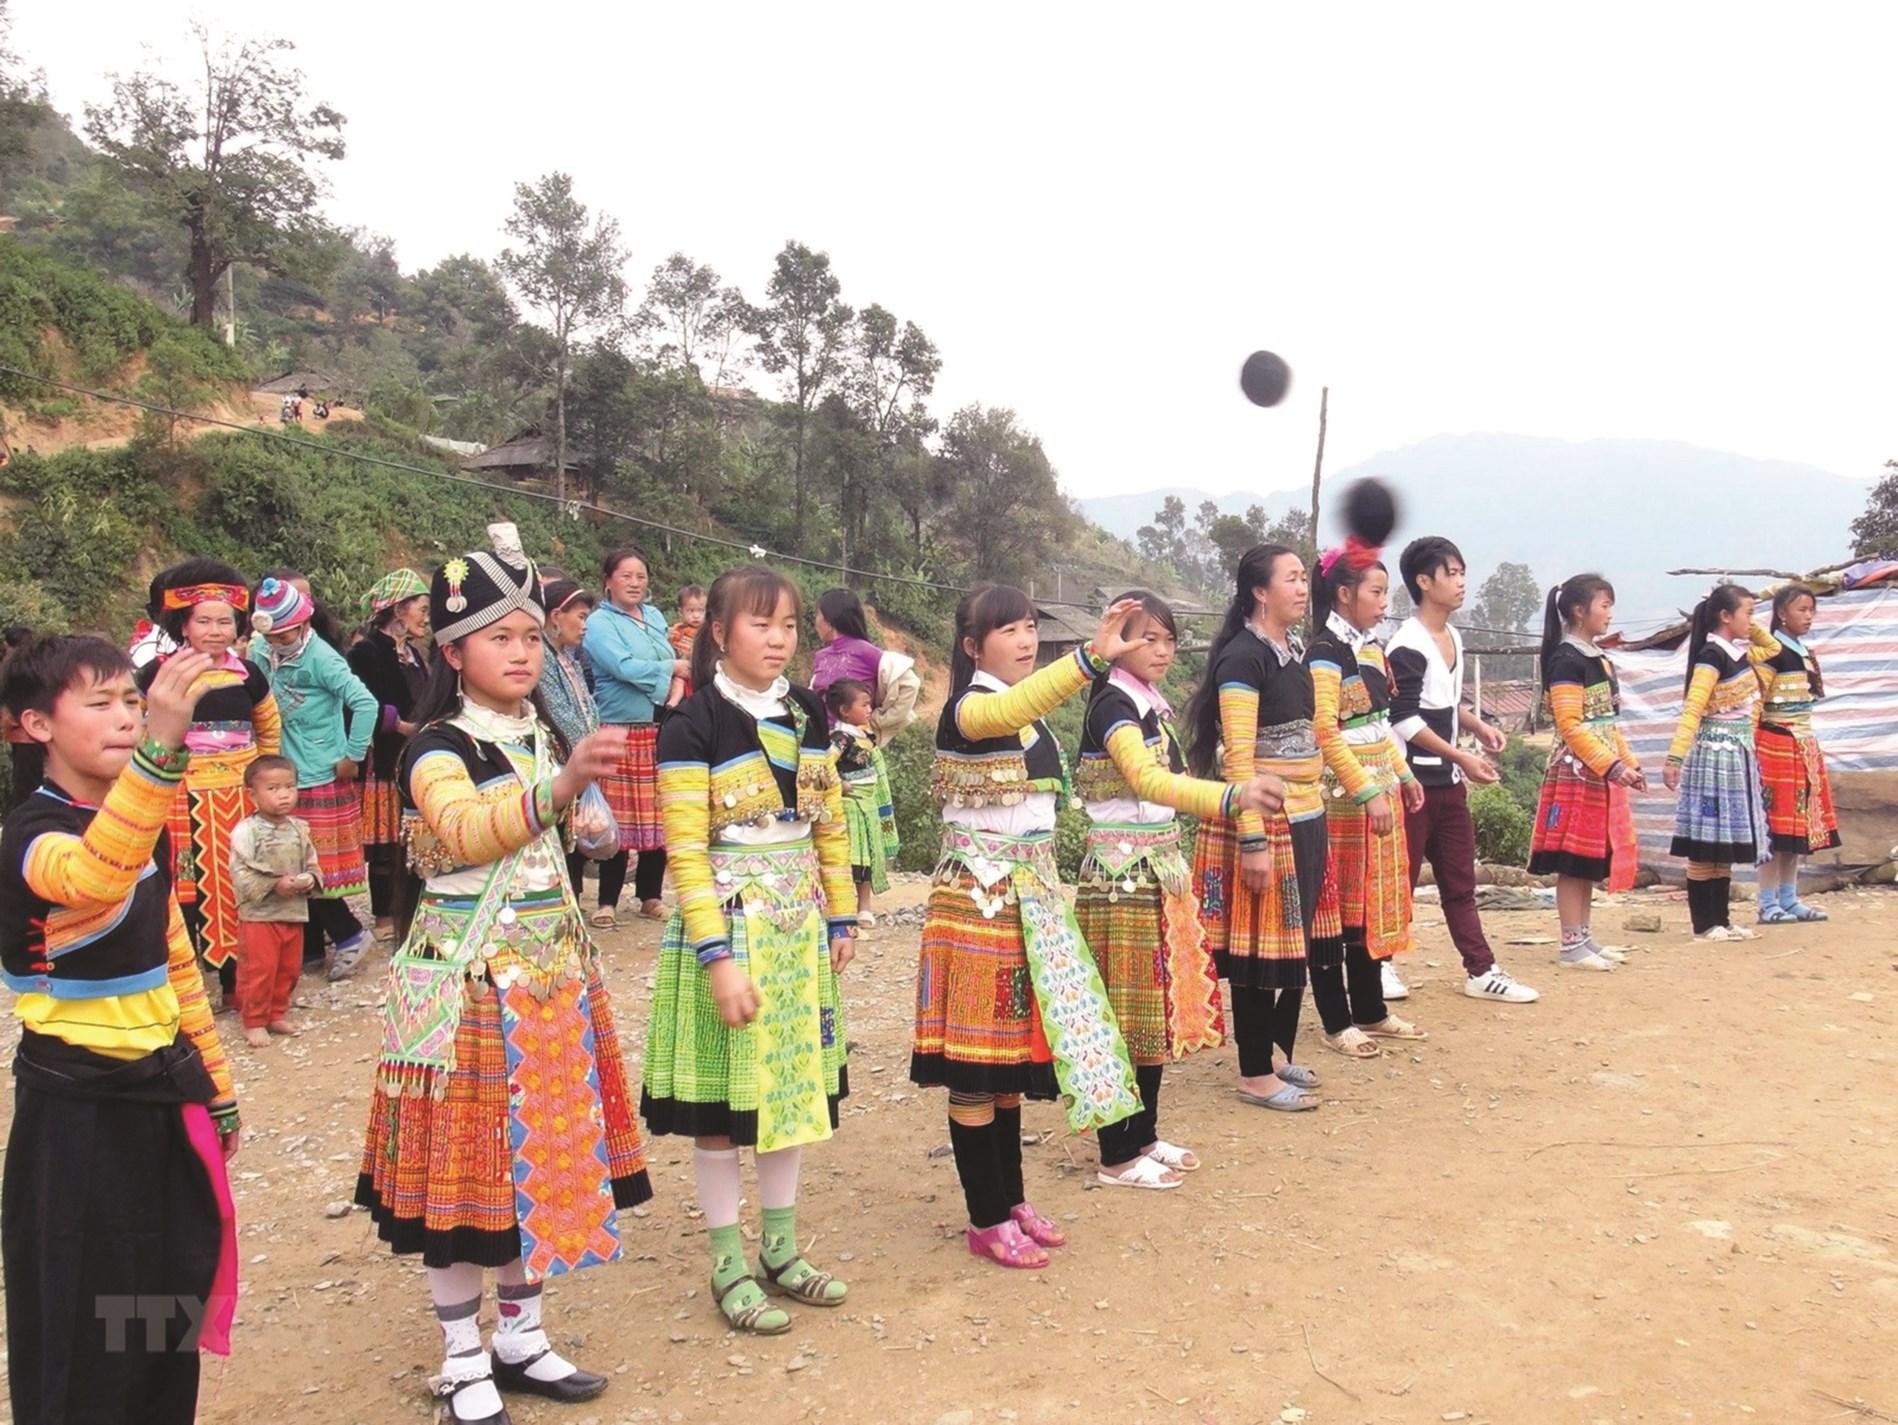 Những chàng trai, cô gái Mông tham gia trò chơi dân gian ném Pao tại chợ phiên xã Đăk Som, huyện Đăk G'Long, tỉnh Đăk Nông.